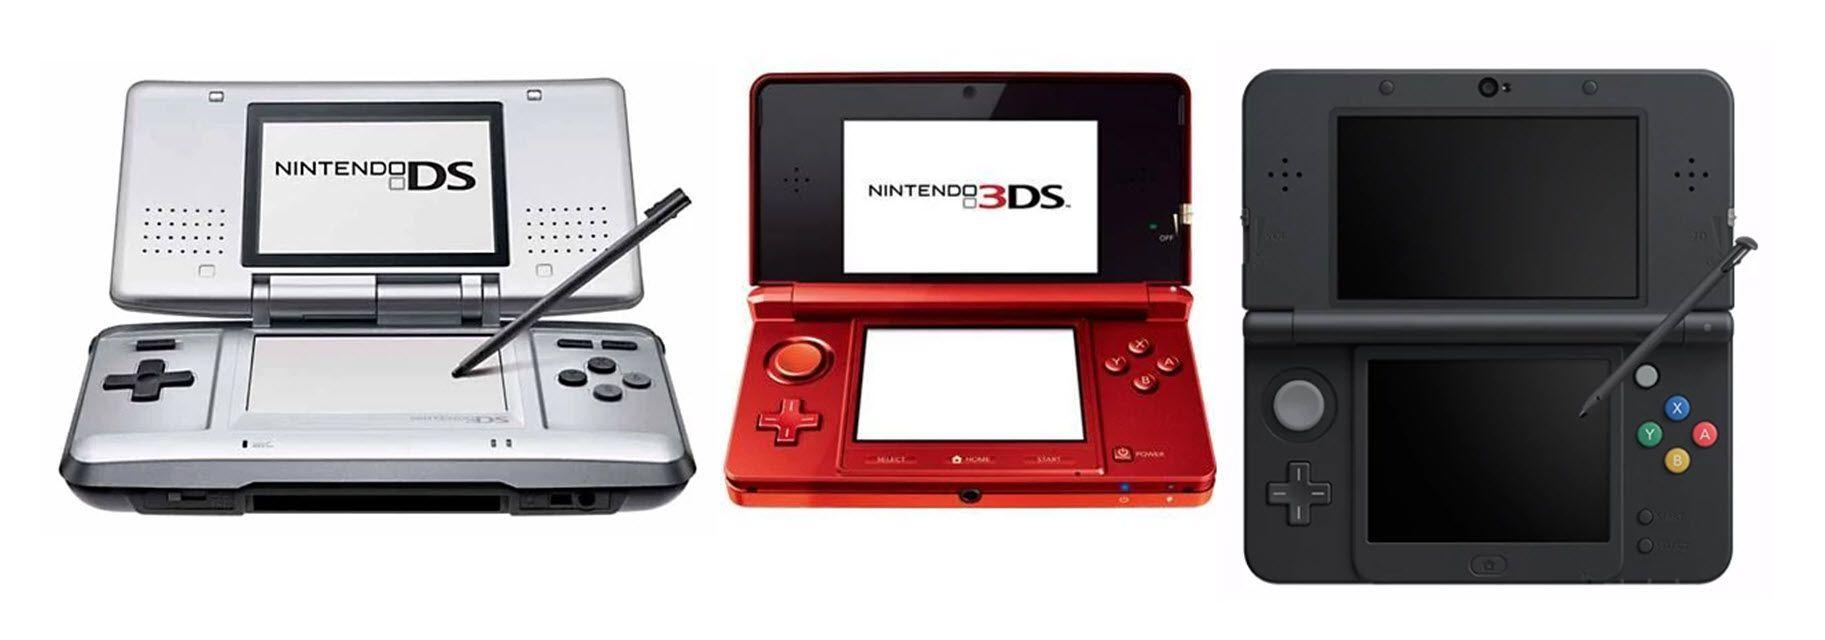 Nintendo DS Family